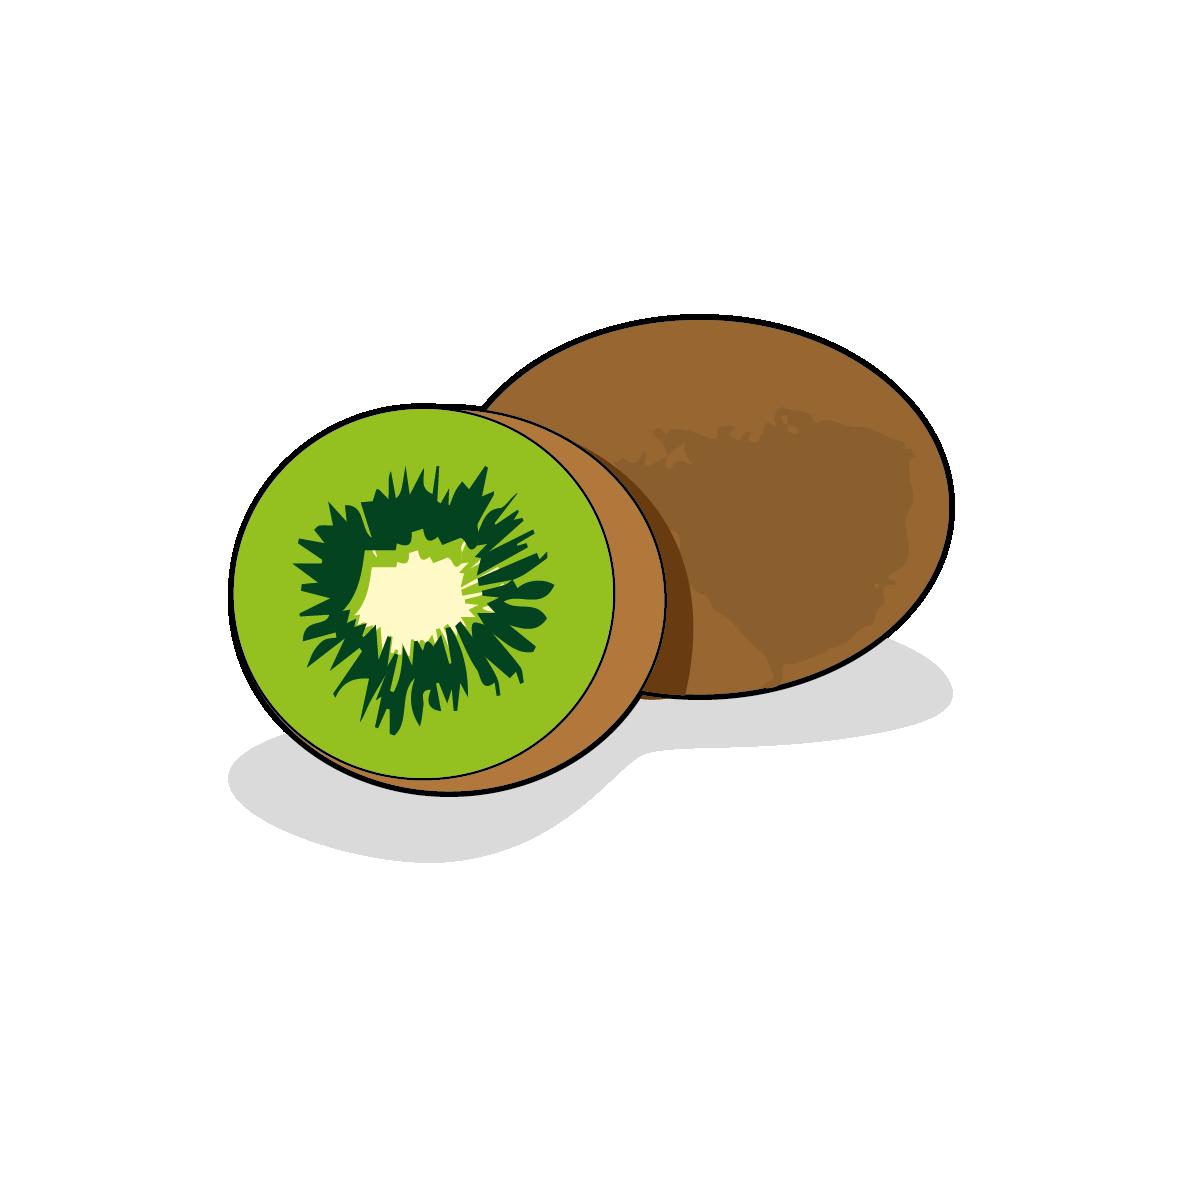 Icone d'un kiwi, ailmacocotte.com